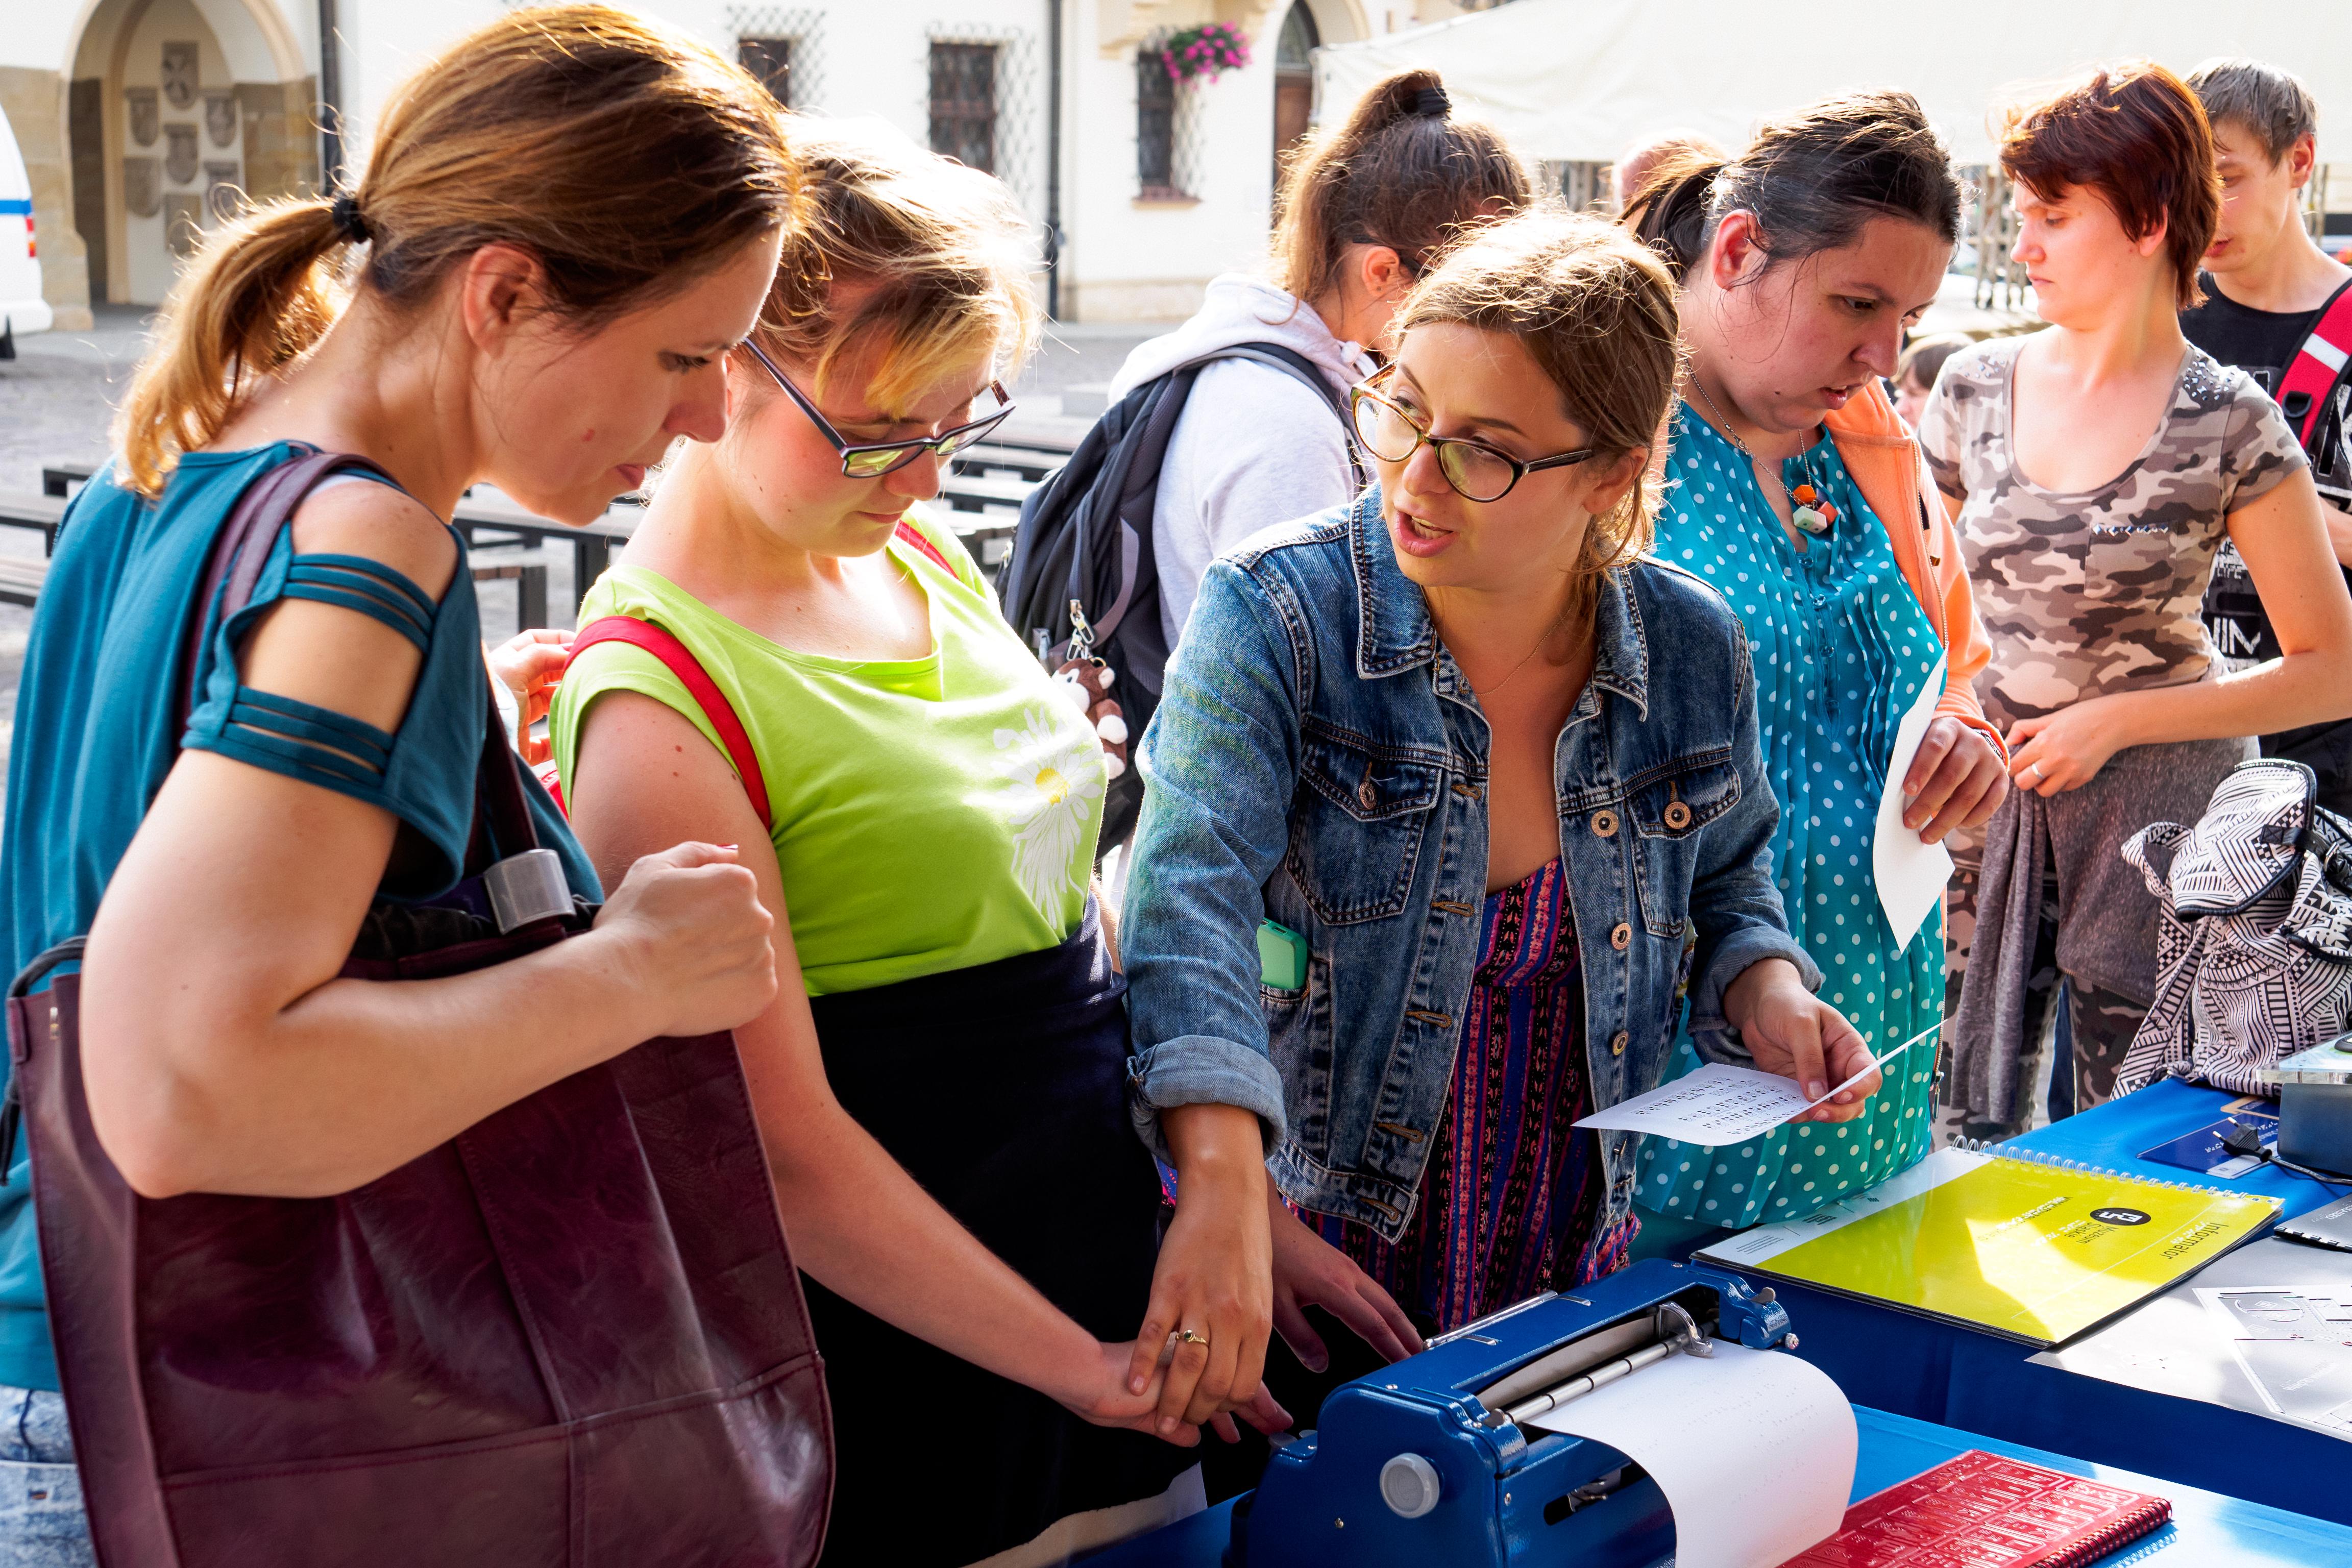 Piknik. 6 osób wokół stołu i kobieta pokazująca maszynę brajlowską.